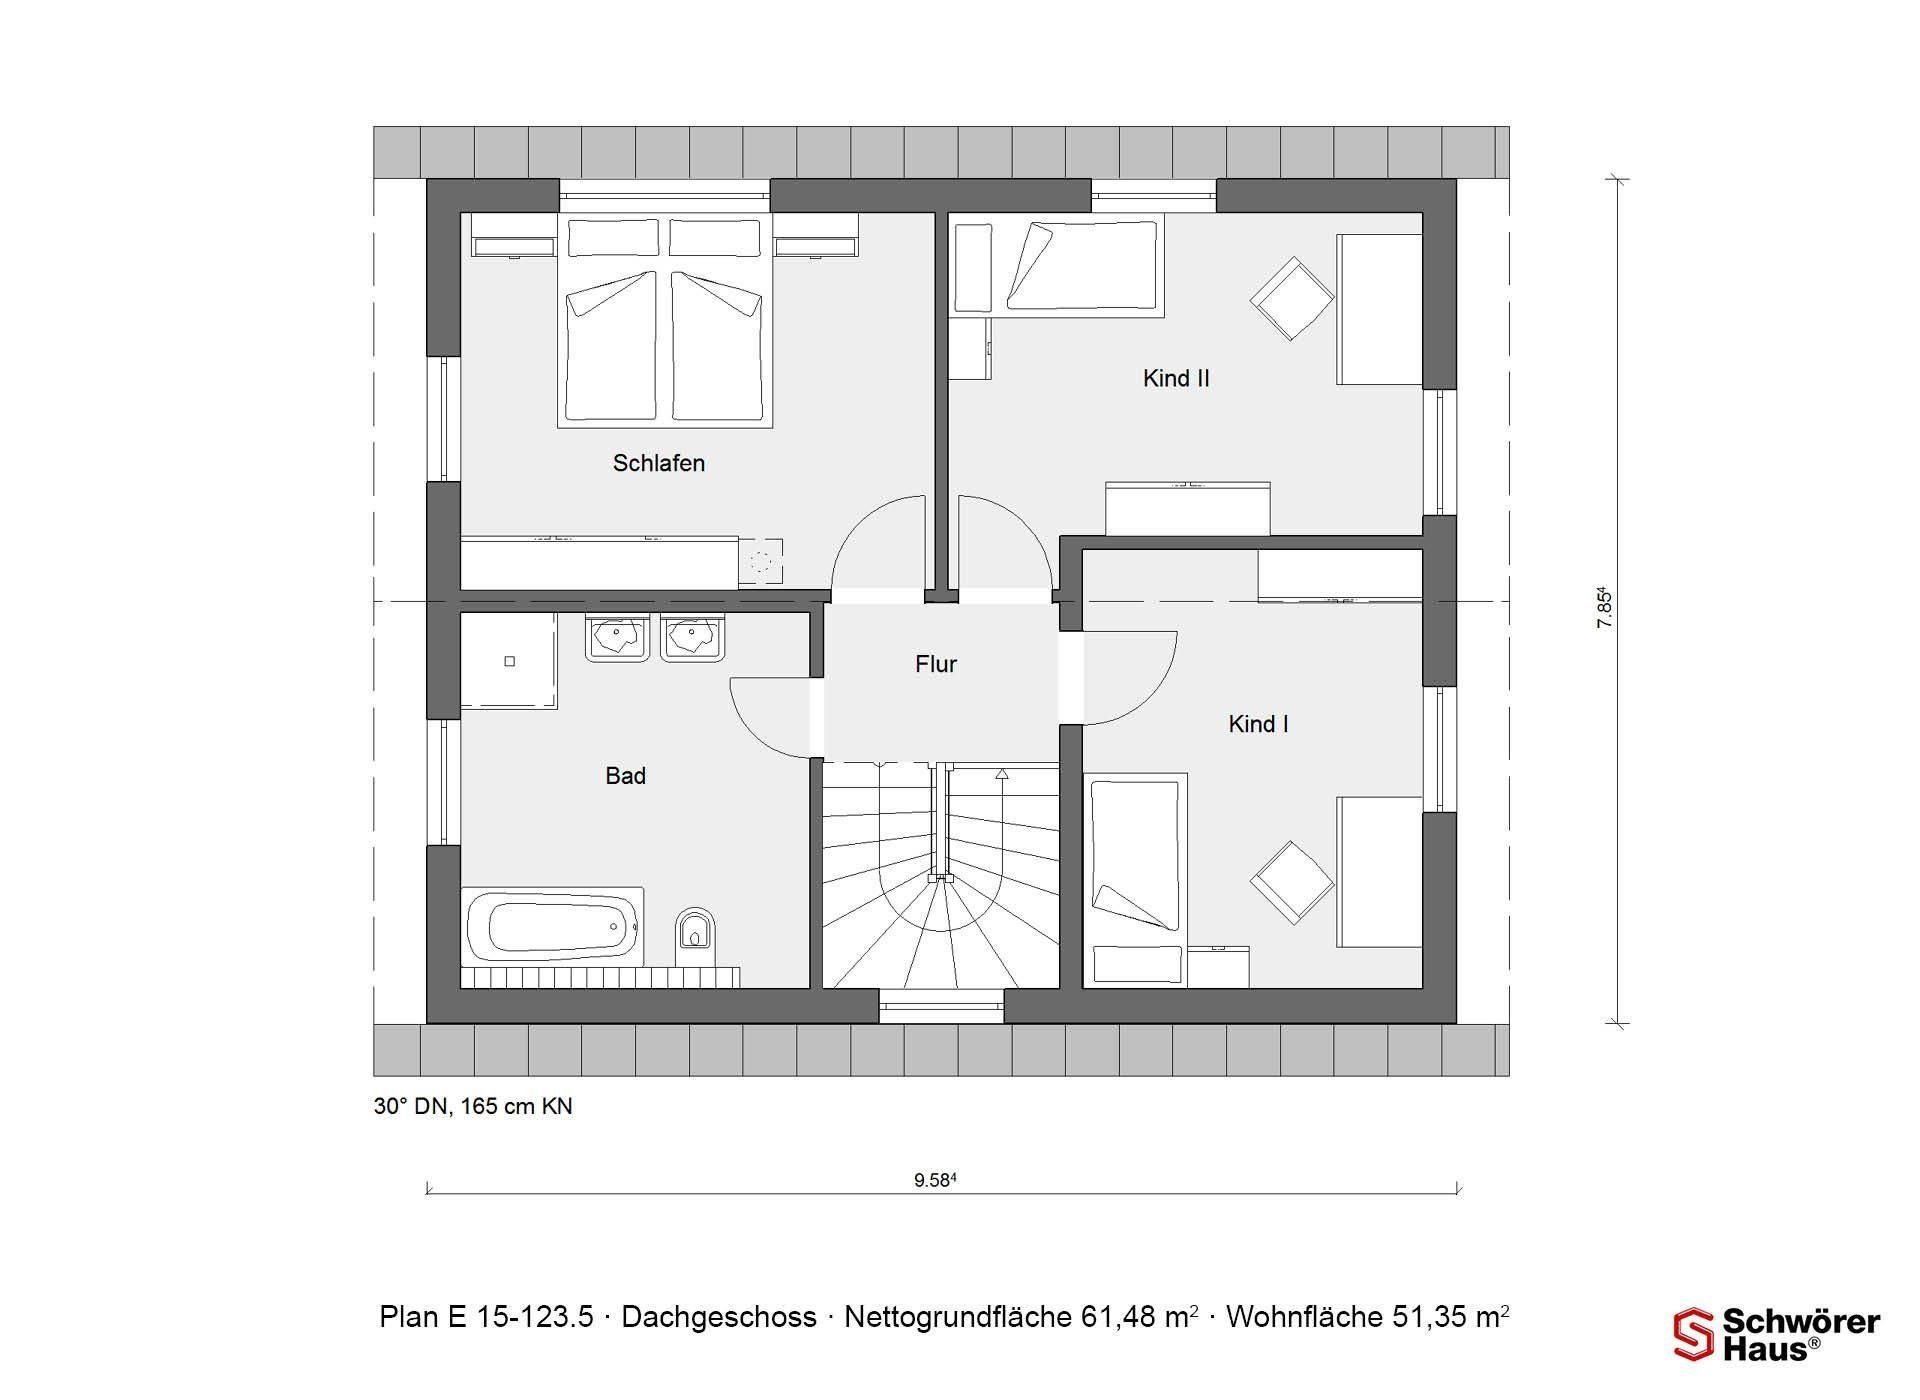 Plan E 15-107.2 - Eine Nahaufnahme einer Uhr - Gebäudeplan